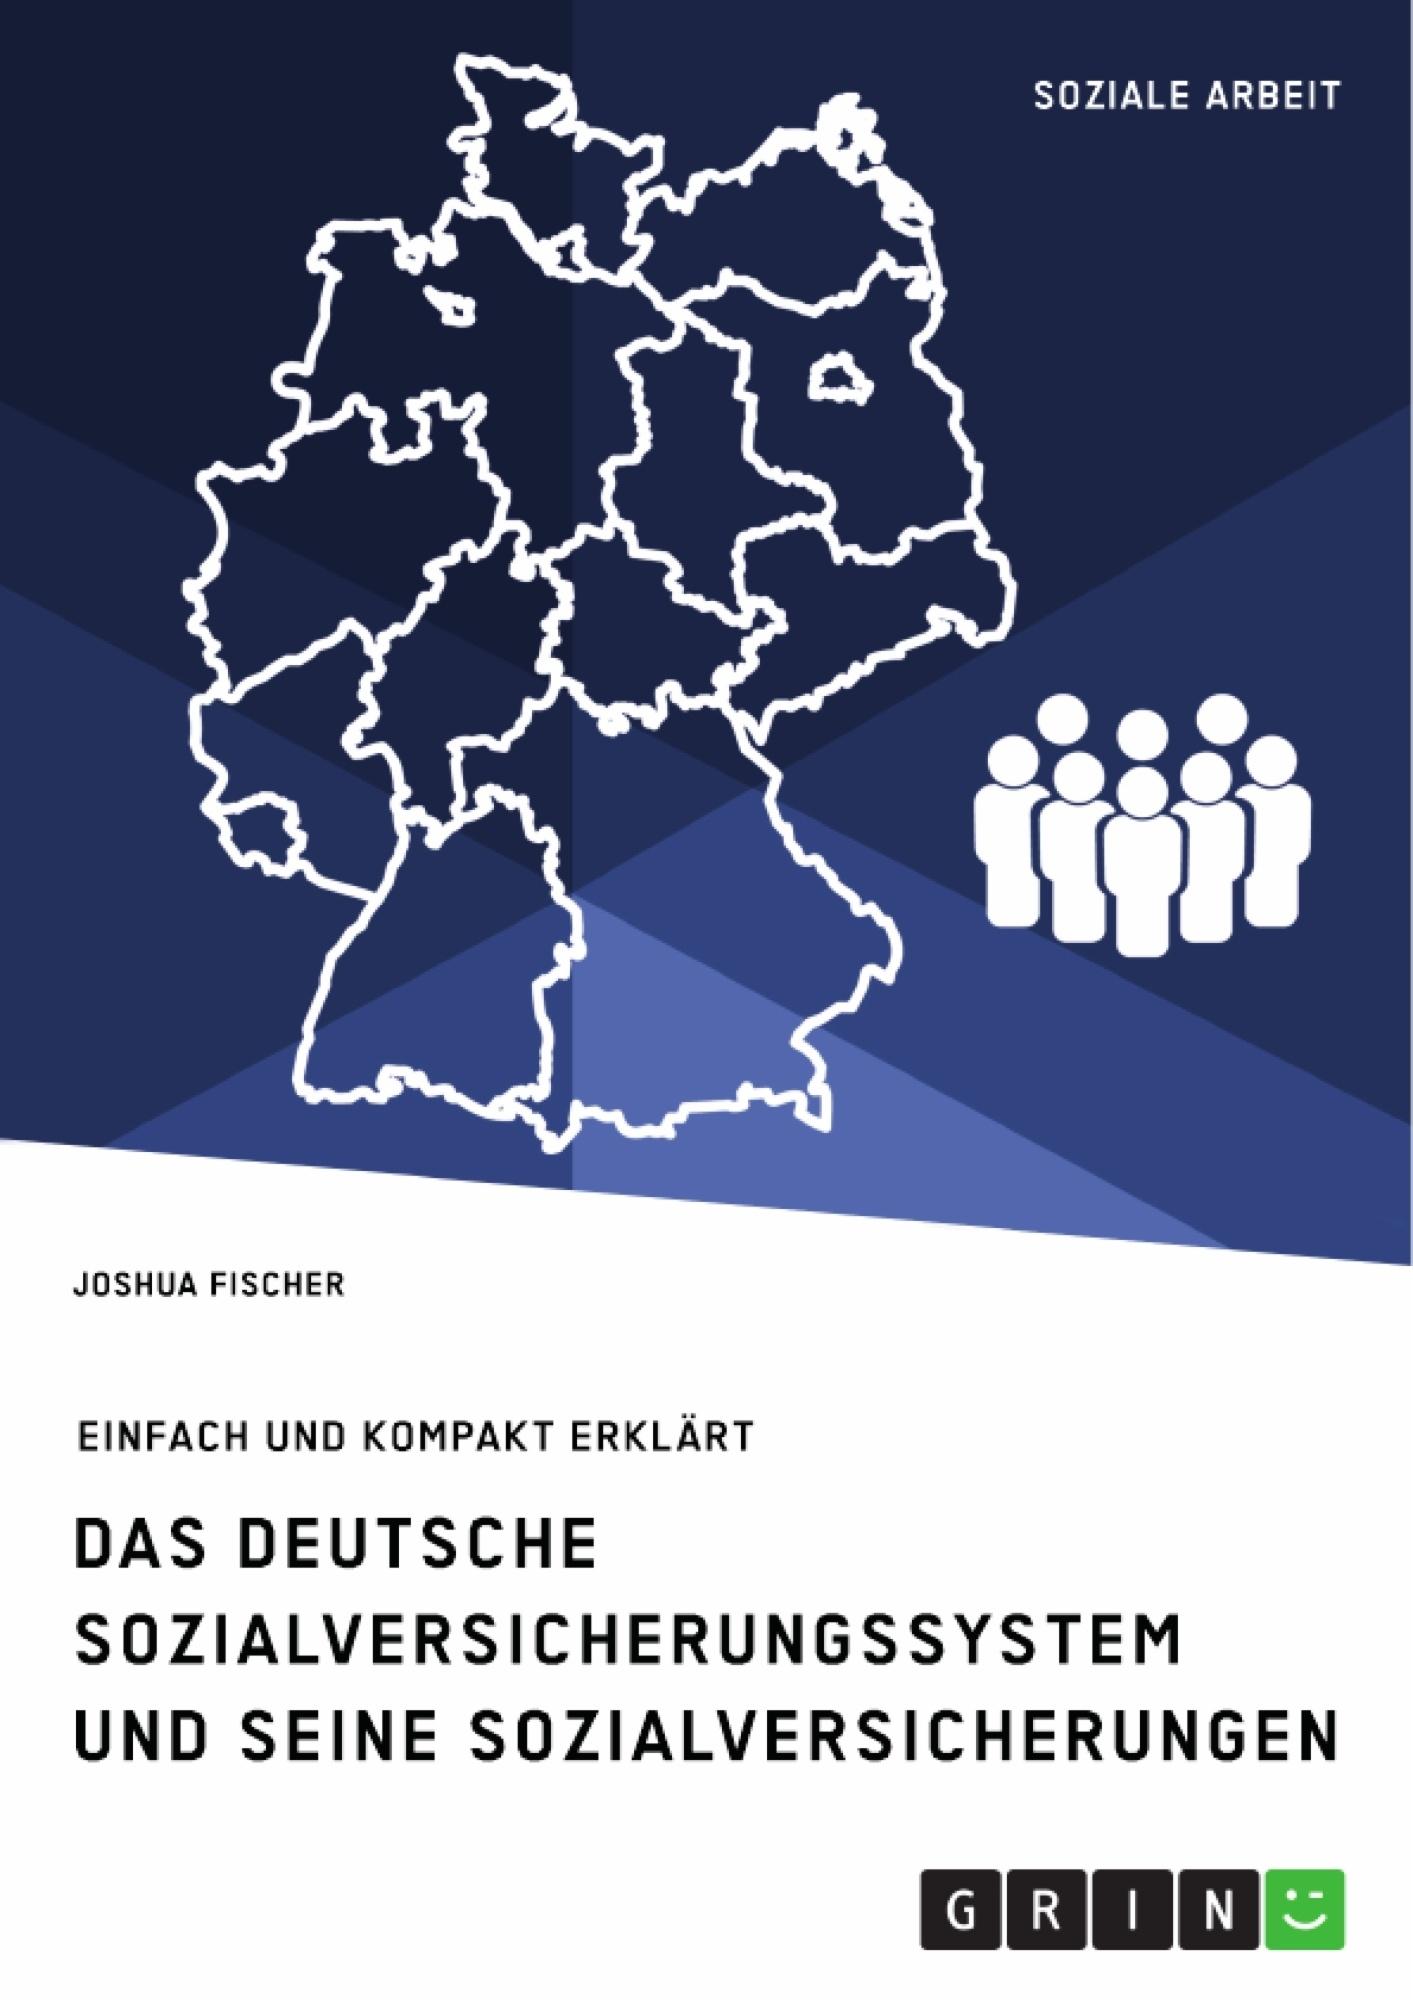 Titel: Das deutsche Sozialversicherungssystem und seine fünf Sozialversicherungen